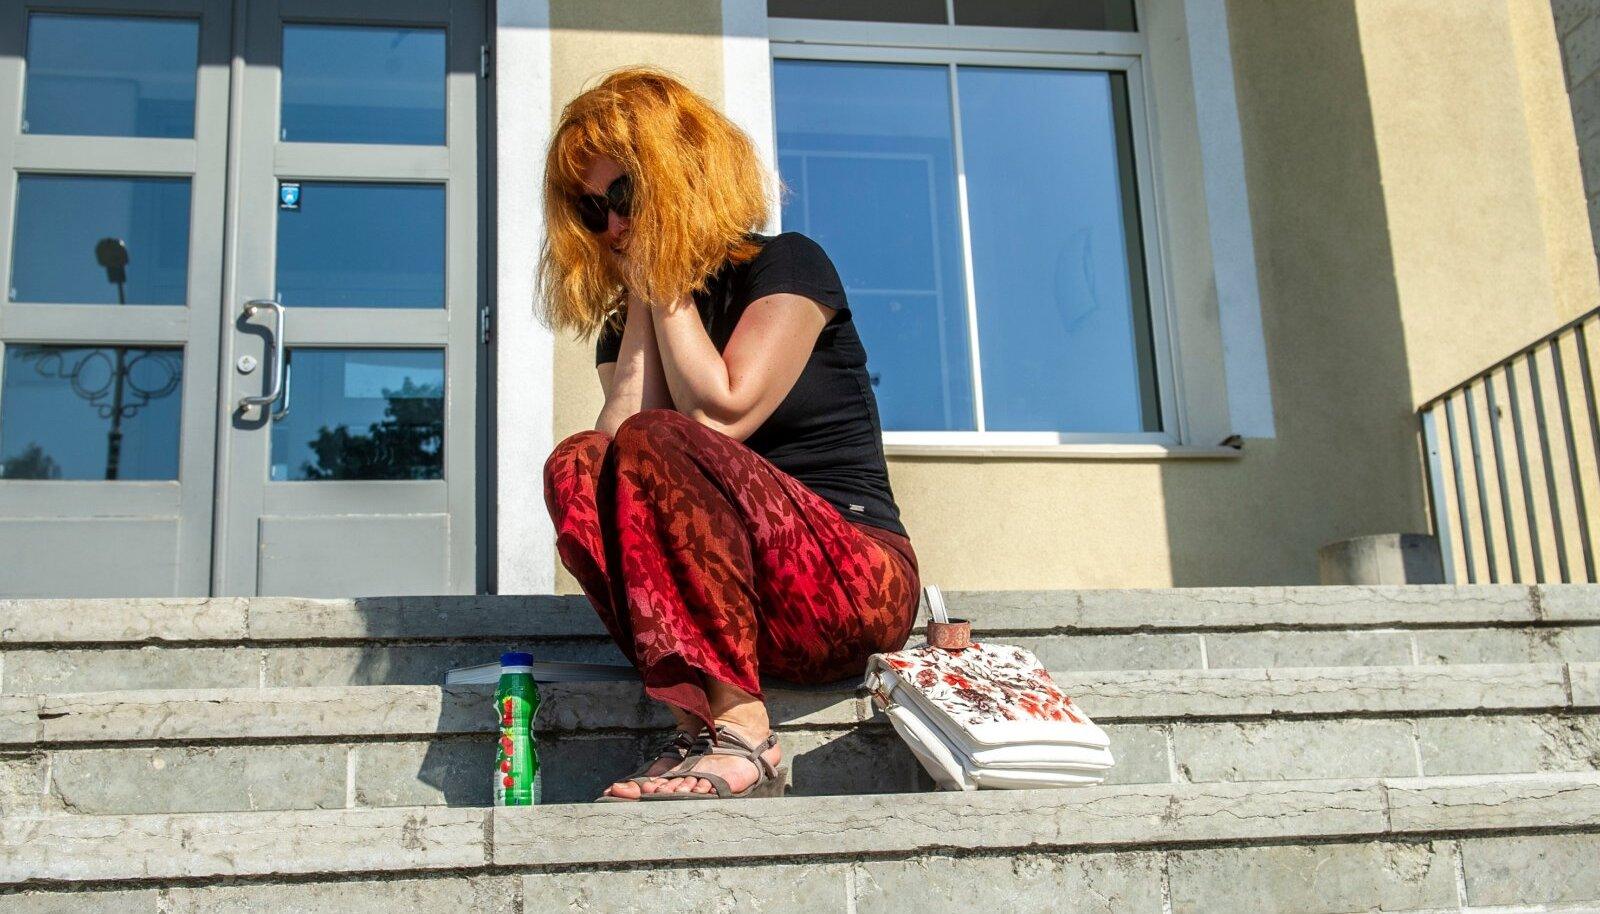 ISTUMISSTREIK: Mõni lapsevanem ütleb, et istun niikaua kooli trepil, kuni lapsele koha leiate, ütleb Pae gümnaasiumi direktor Izabella Riitsaar. See stseen trepil istuvast emast on Riitsaare kirjelduse põhjal fotolavastatud.